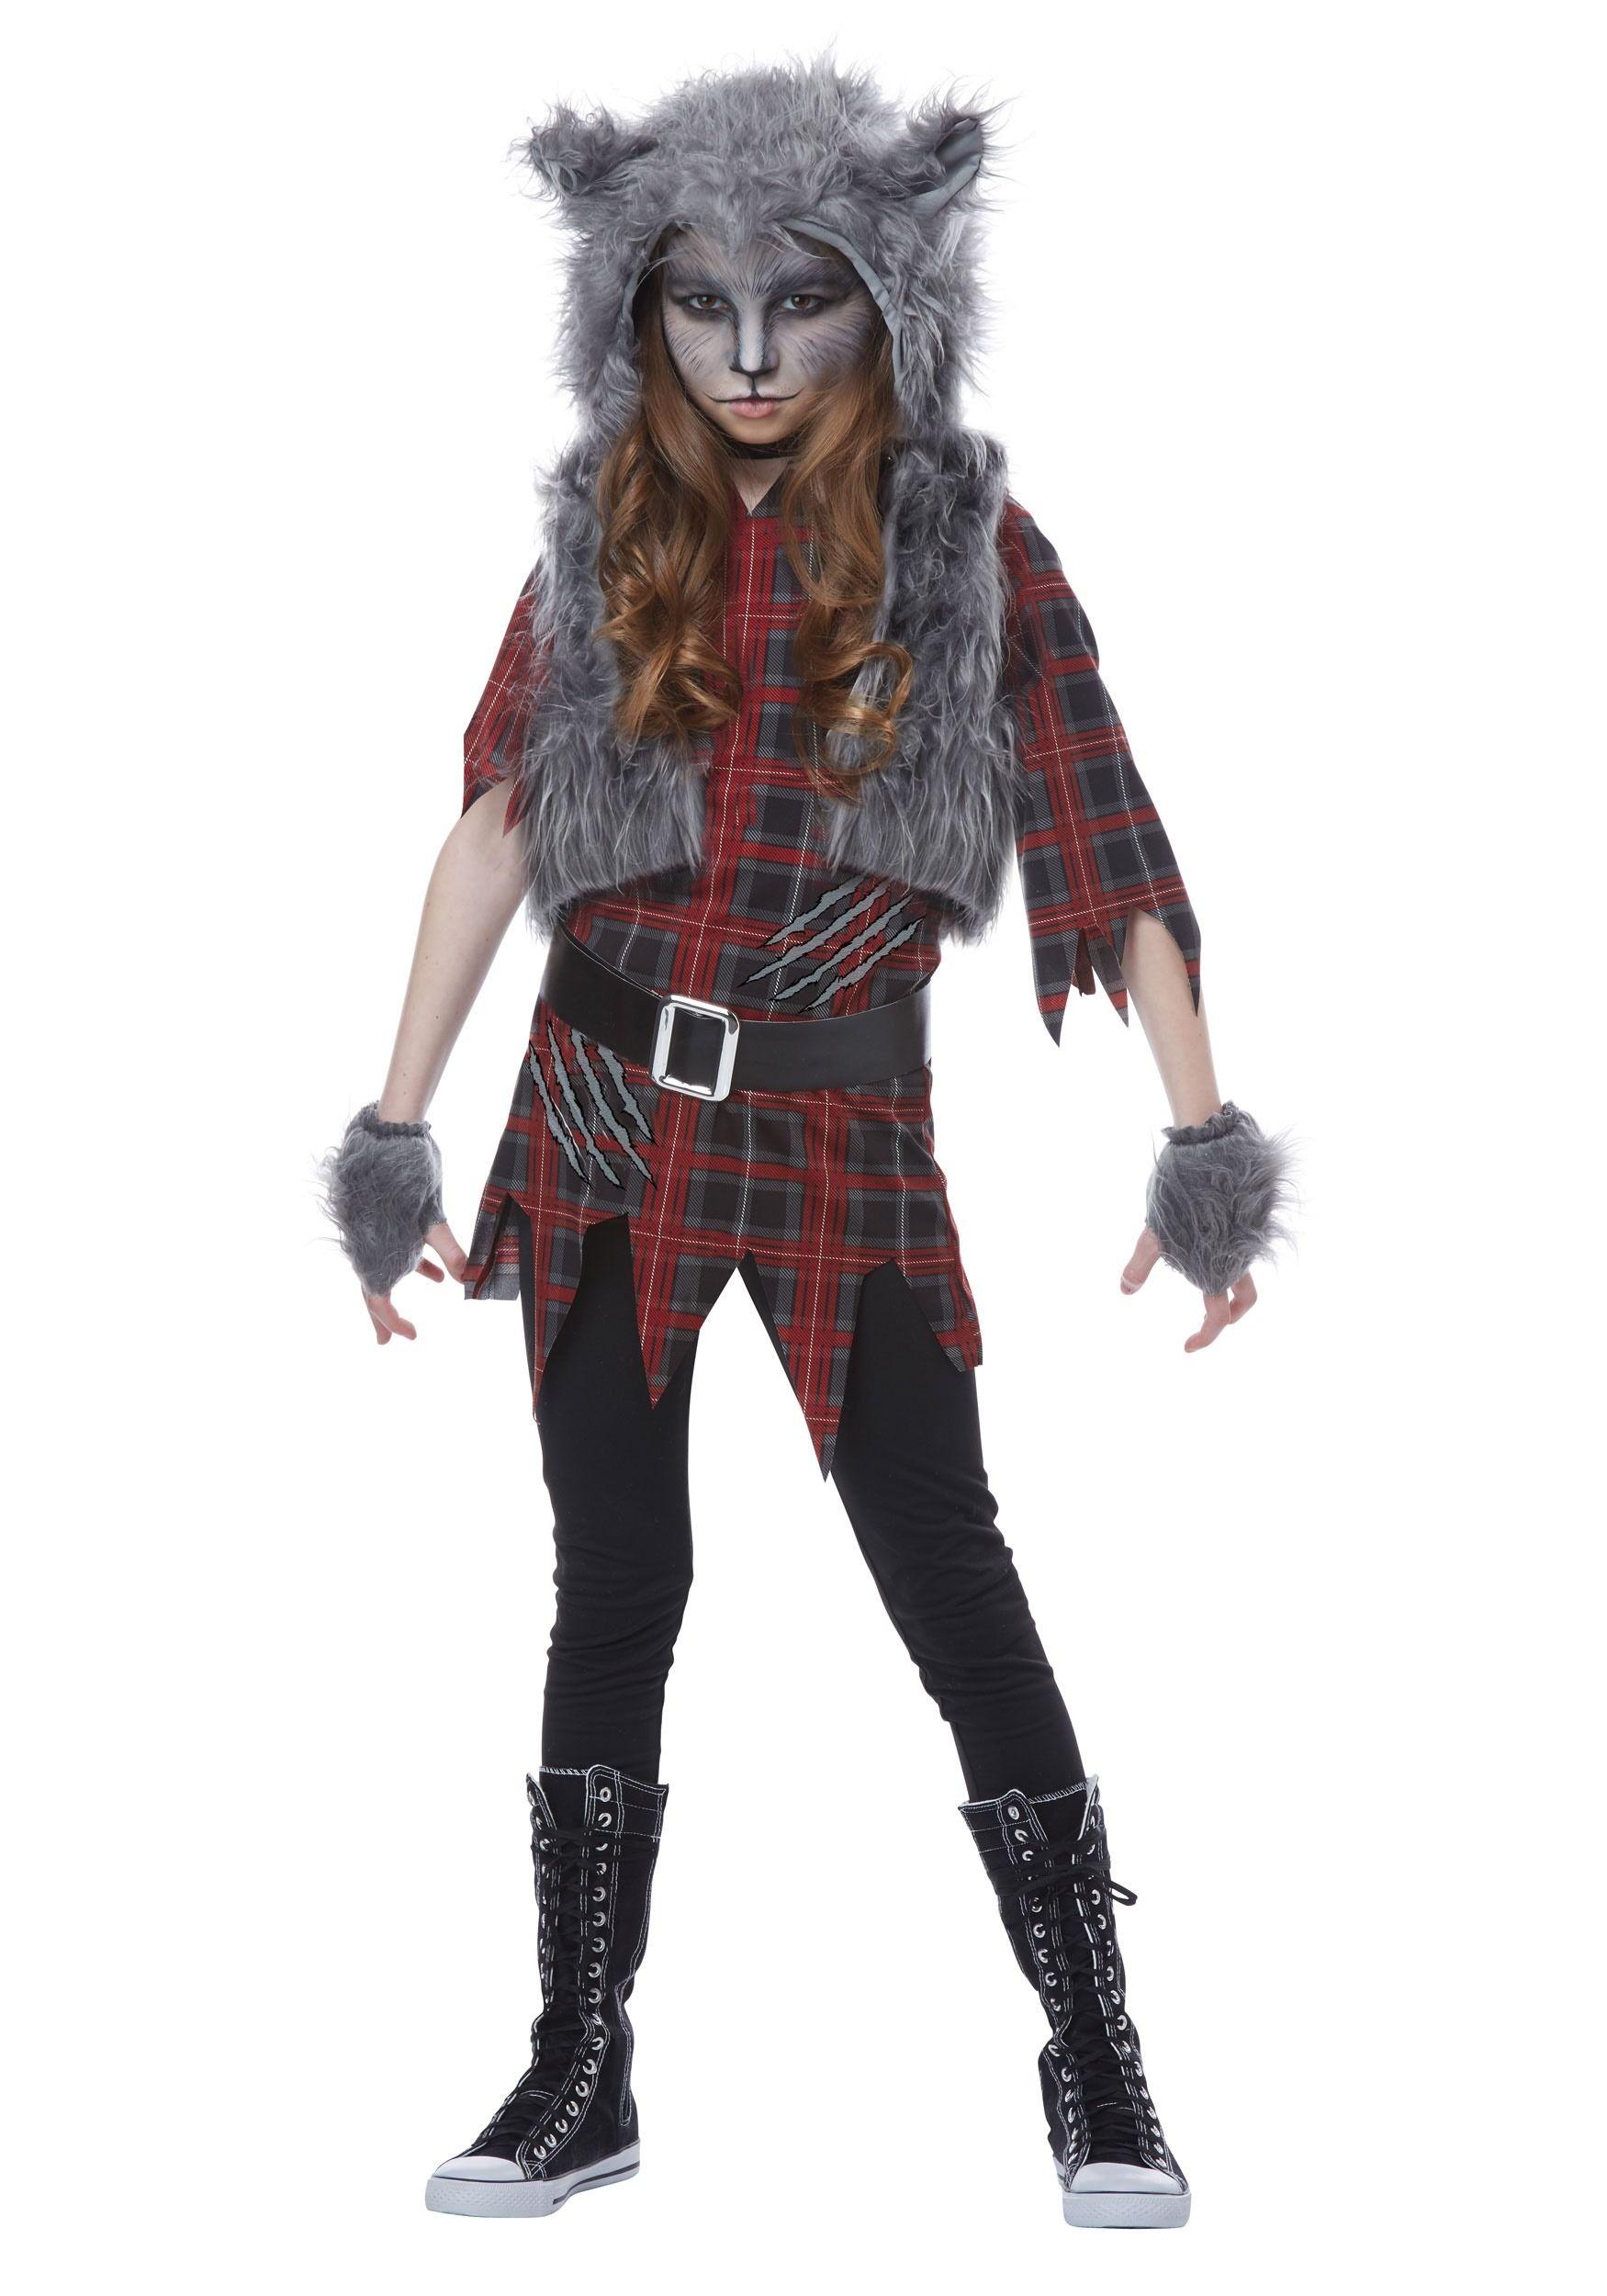 Girl teen halloween costume wolf, best indian nudes